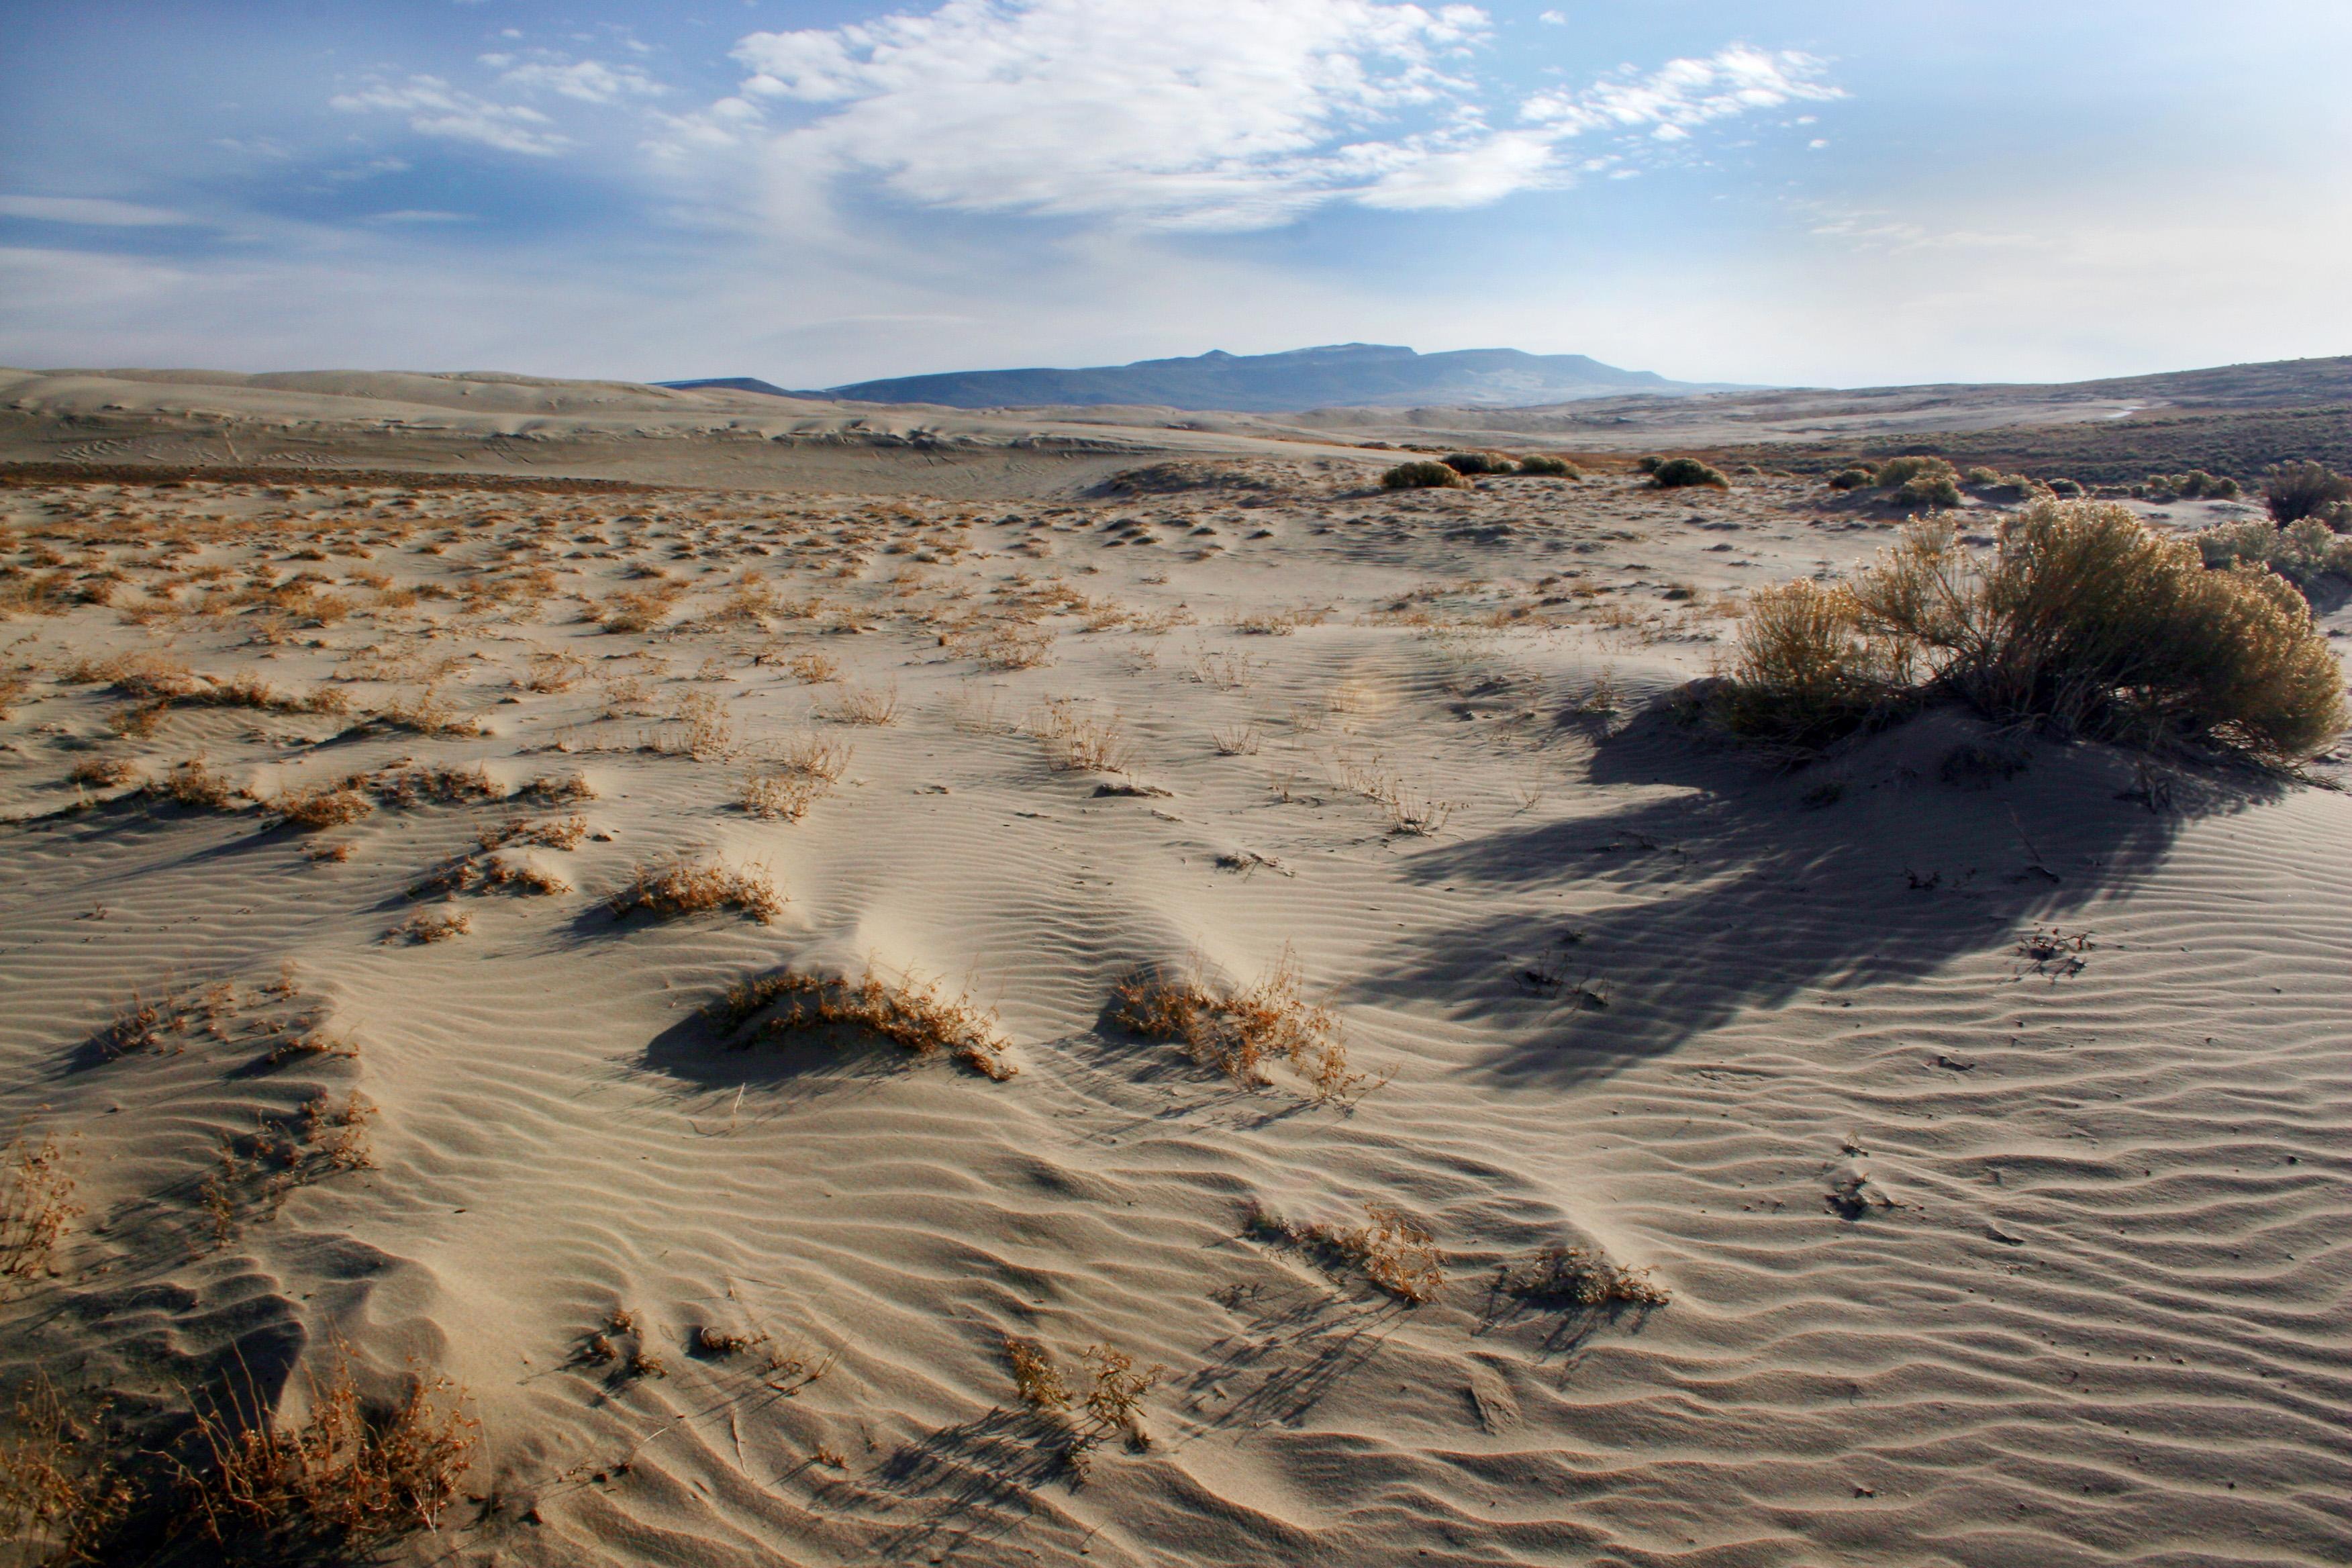 Dunes5.jpg